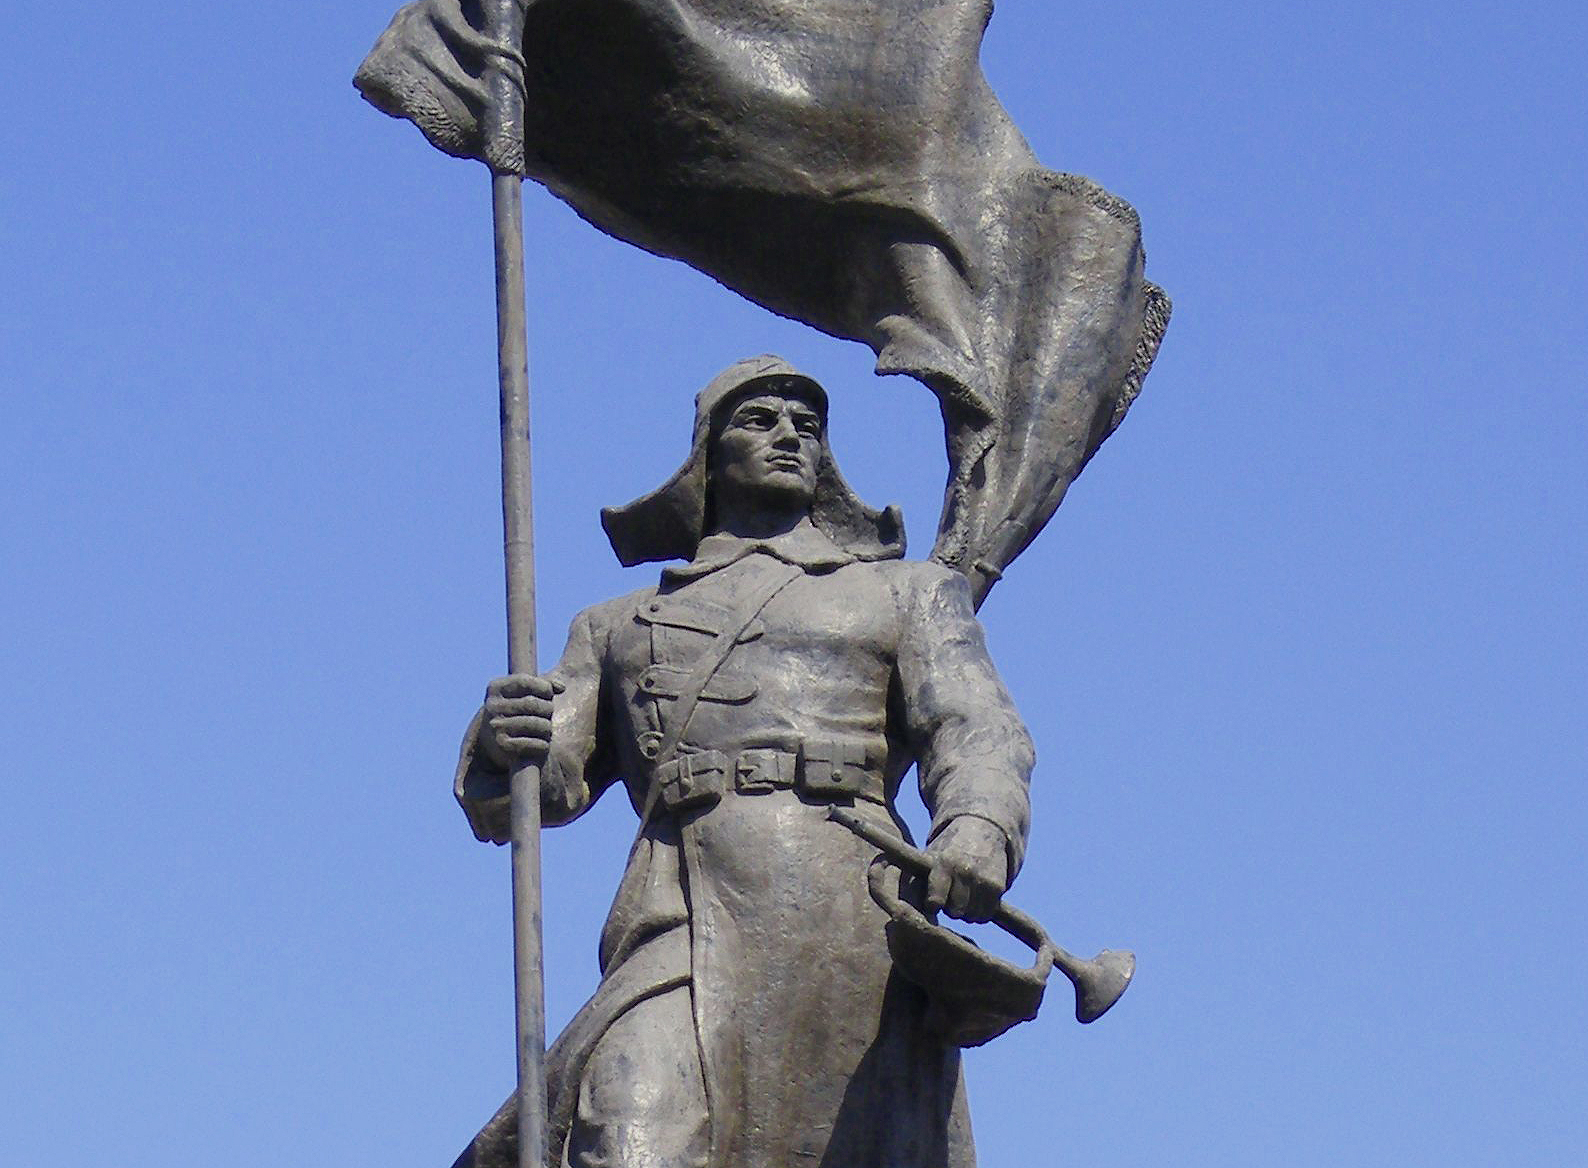 20170401_19-55-«Памятник примирения» — или гвоздь в гроб примирению?